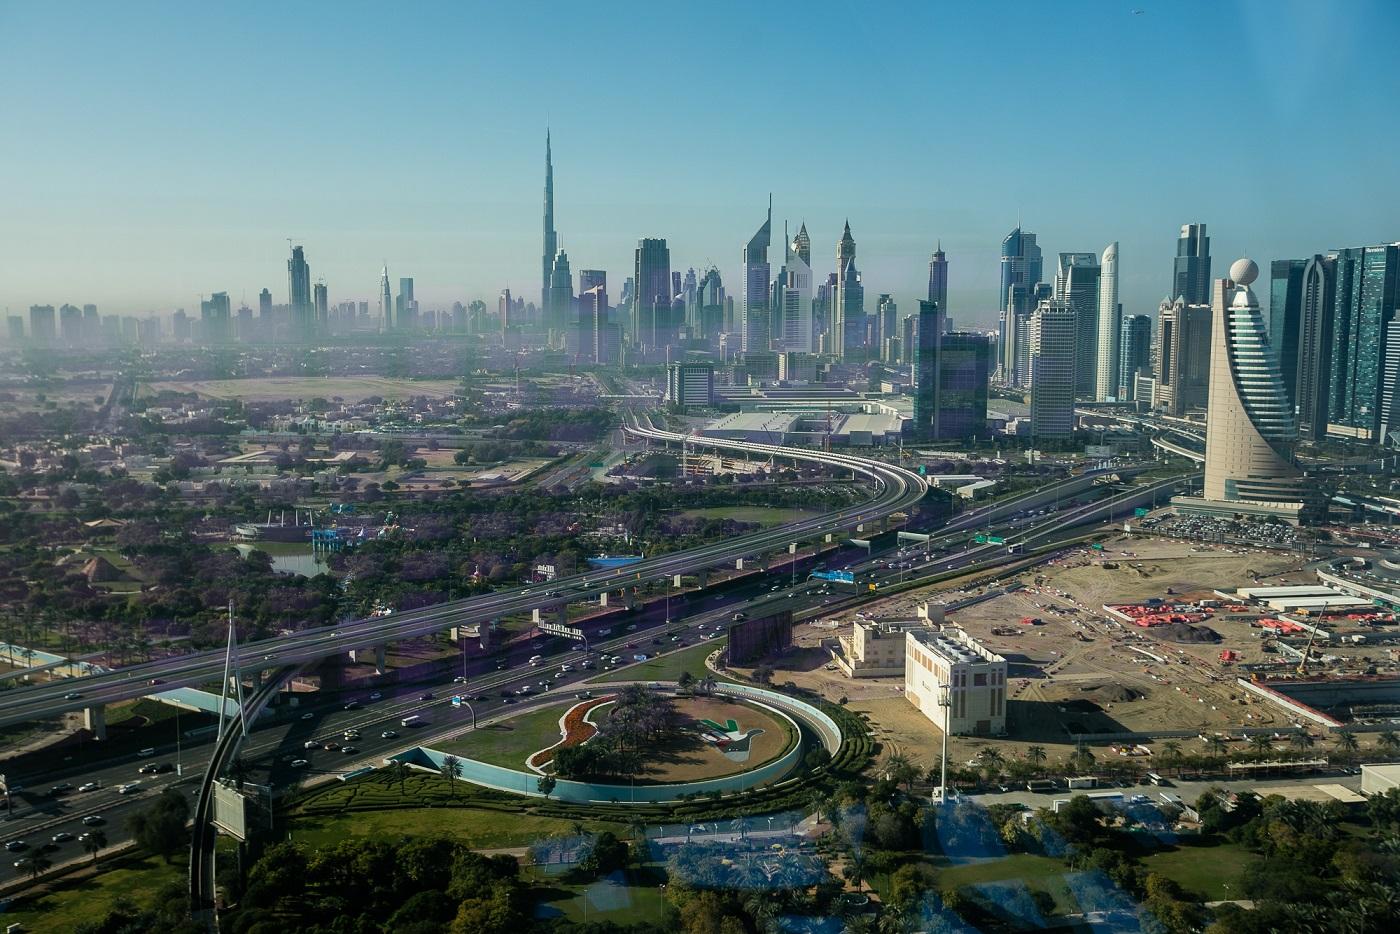 Dubai - the must-visit destination